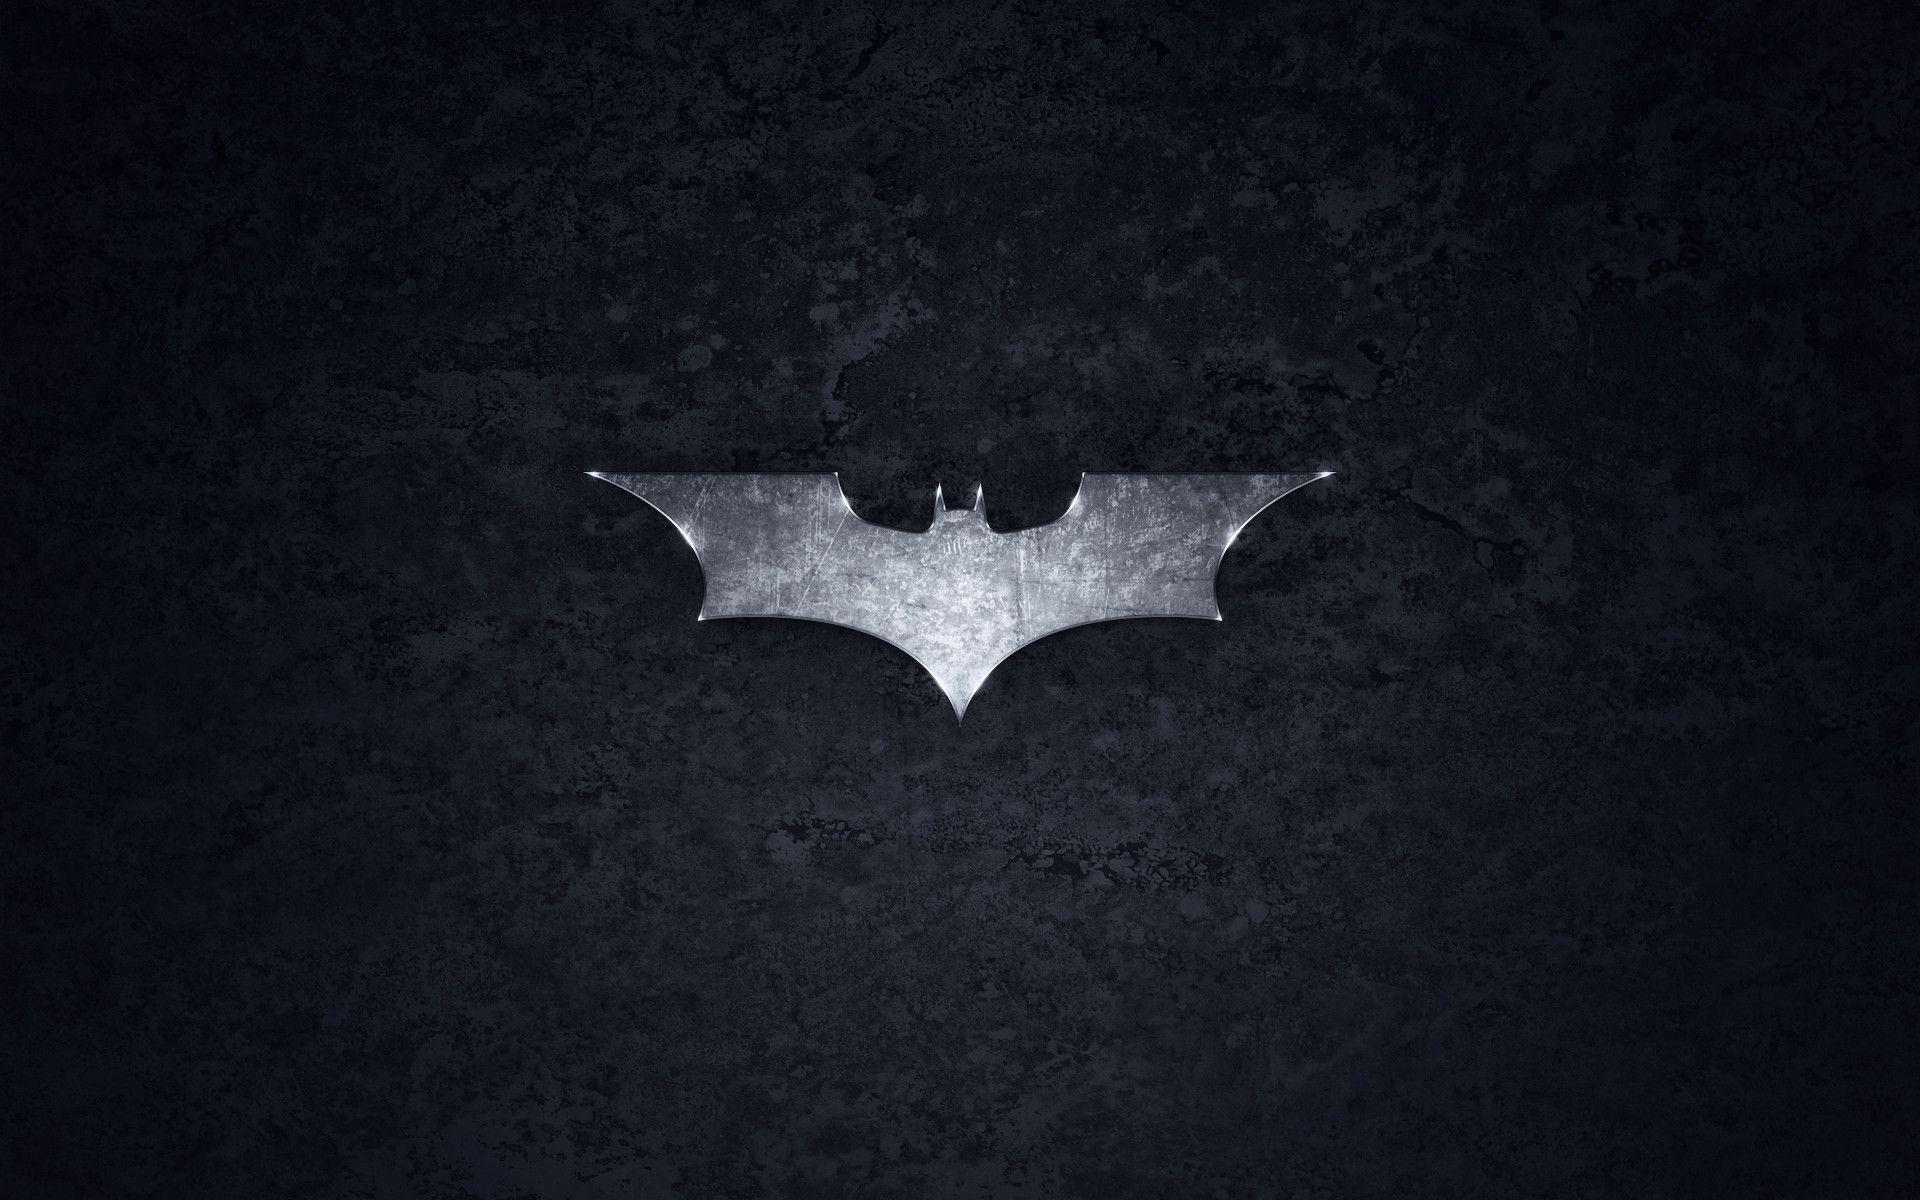 New Batman Symbol Wallpapers Top Free New Batman Symbol